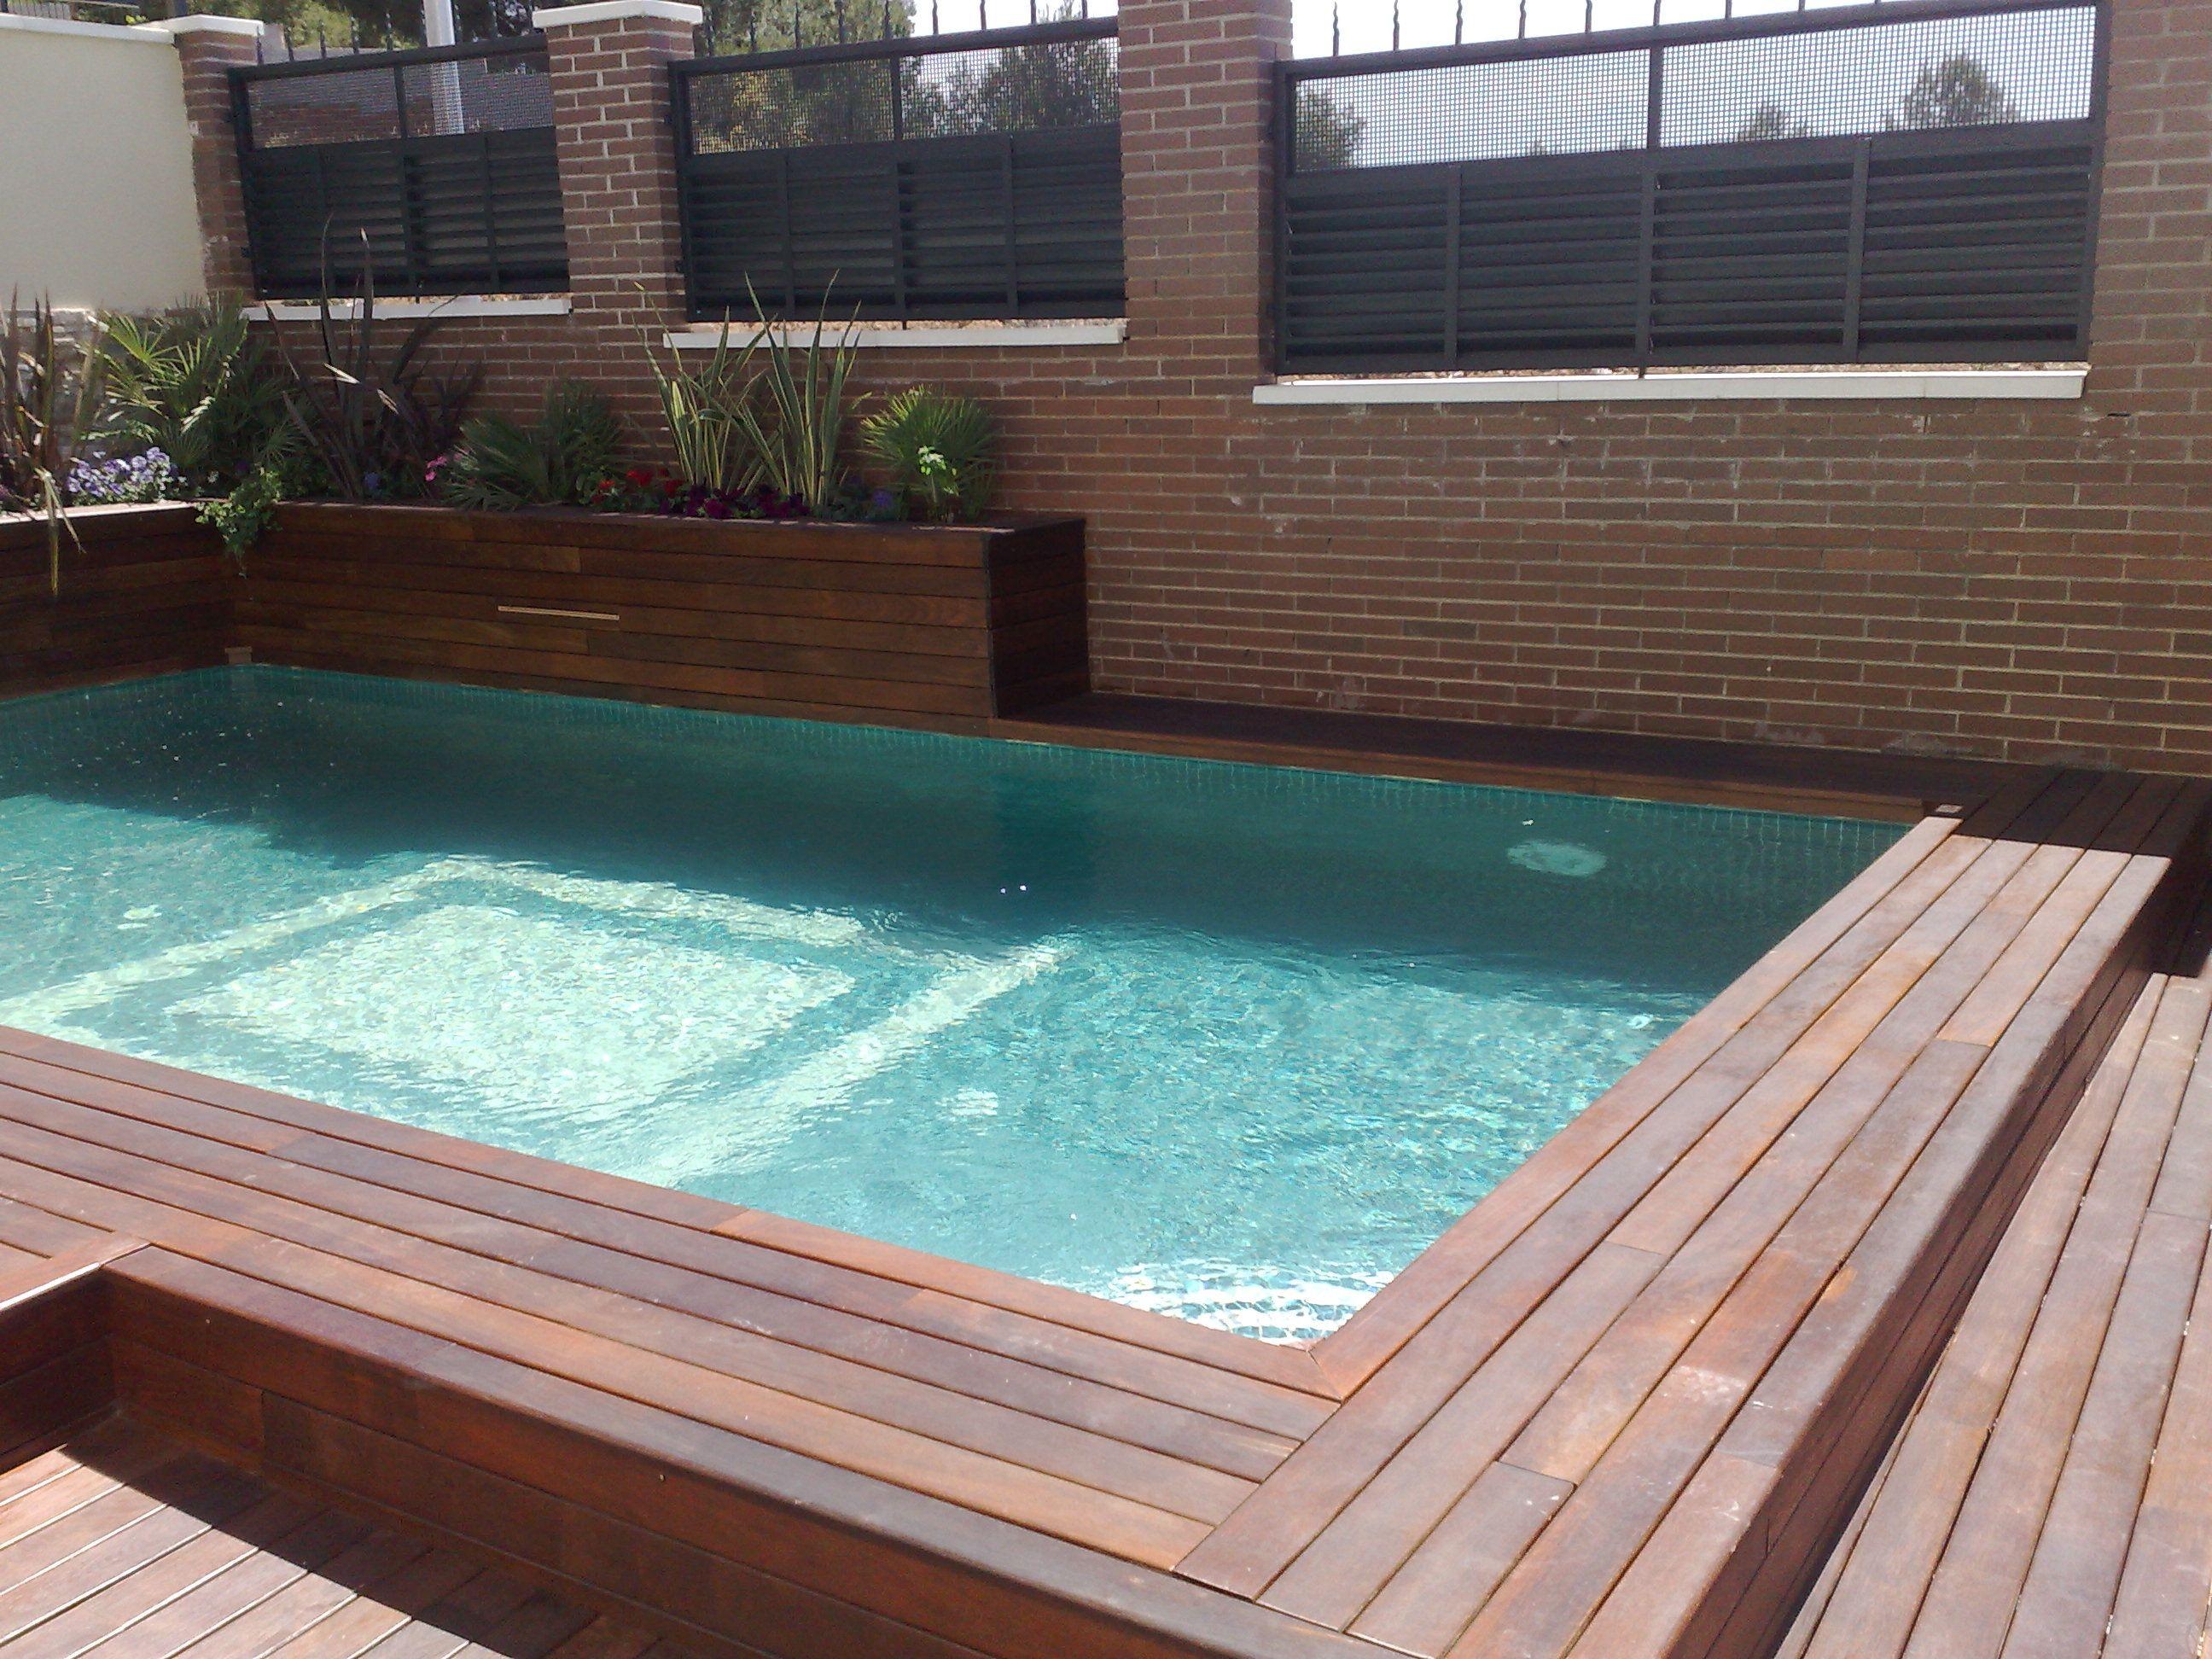 piscina rectangular con un motivo en el fondo y gresite